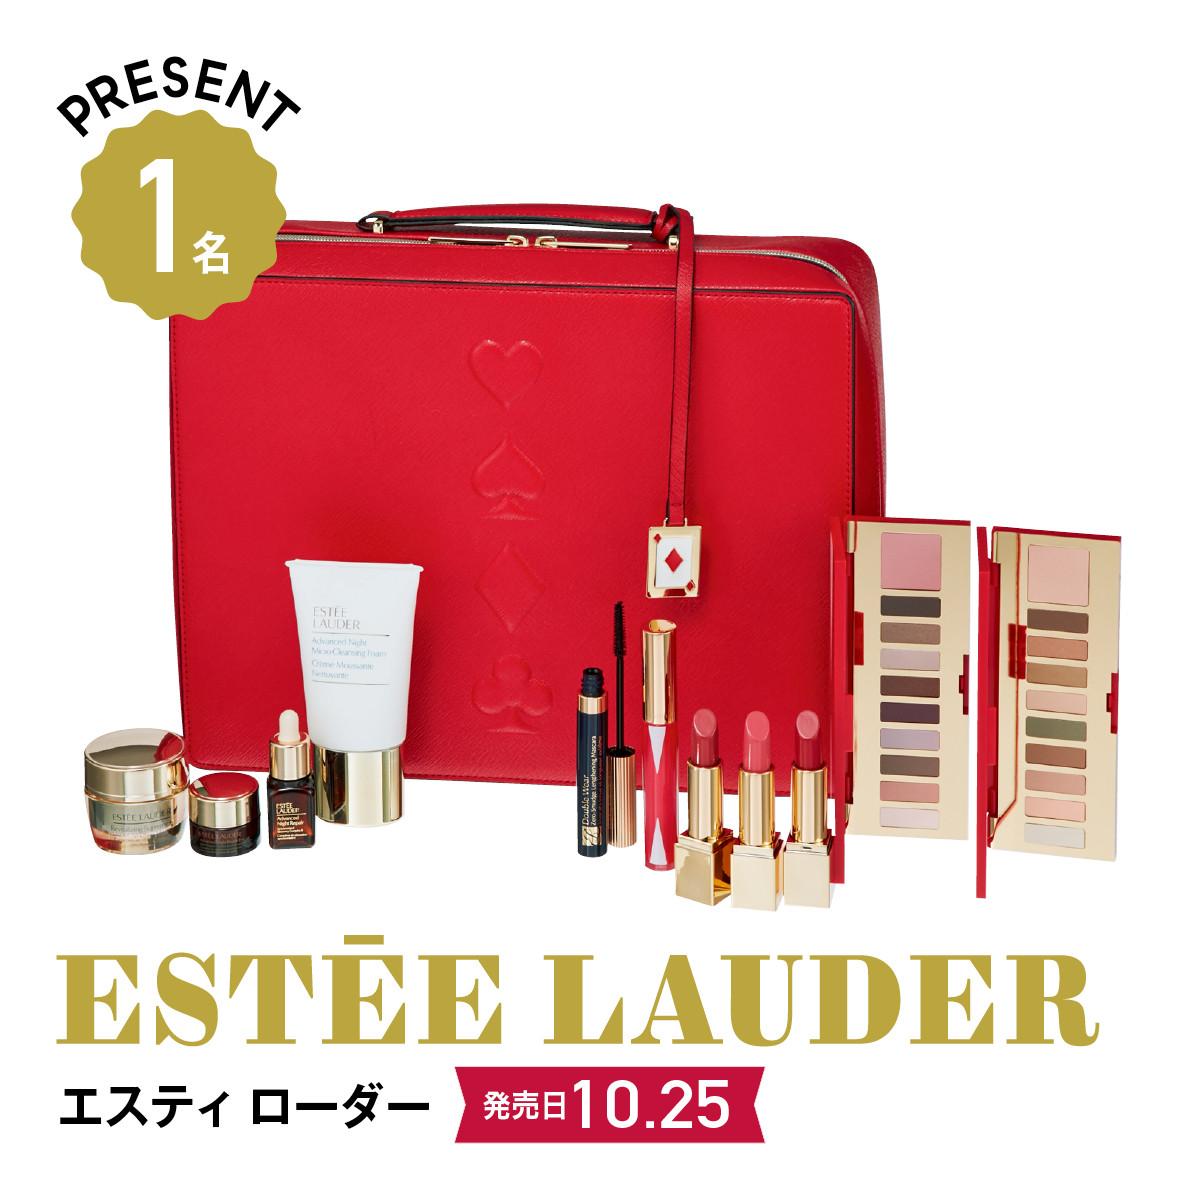 2019クリスマスコフレ&限定品: ESTEE LAUDER/エスティ ローダー